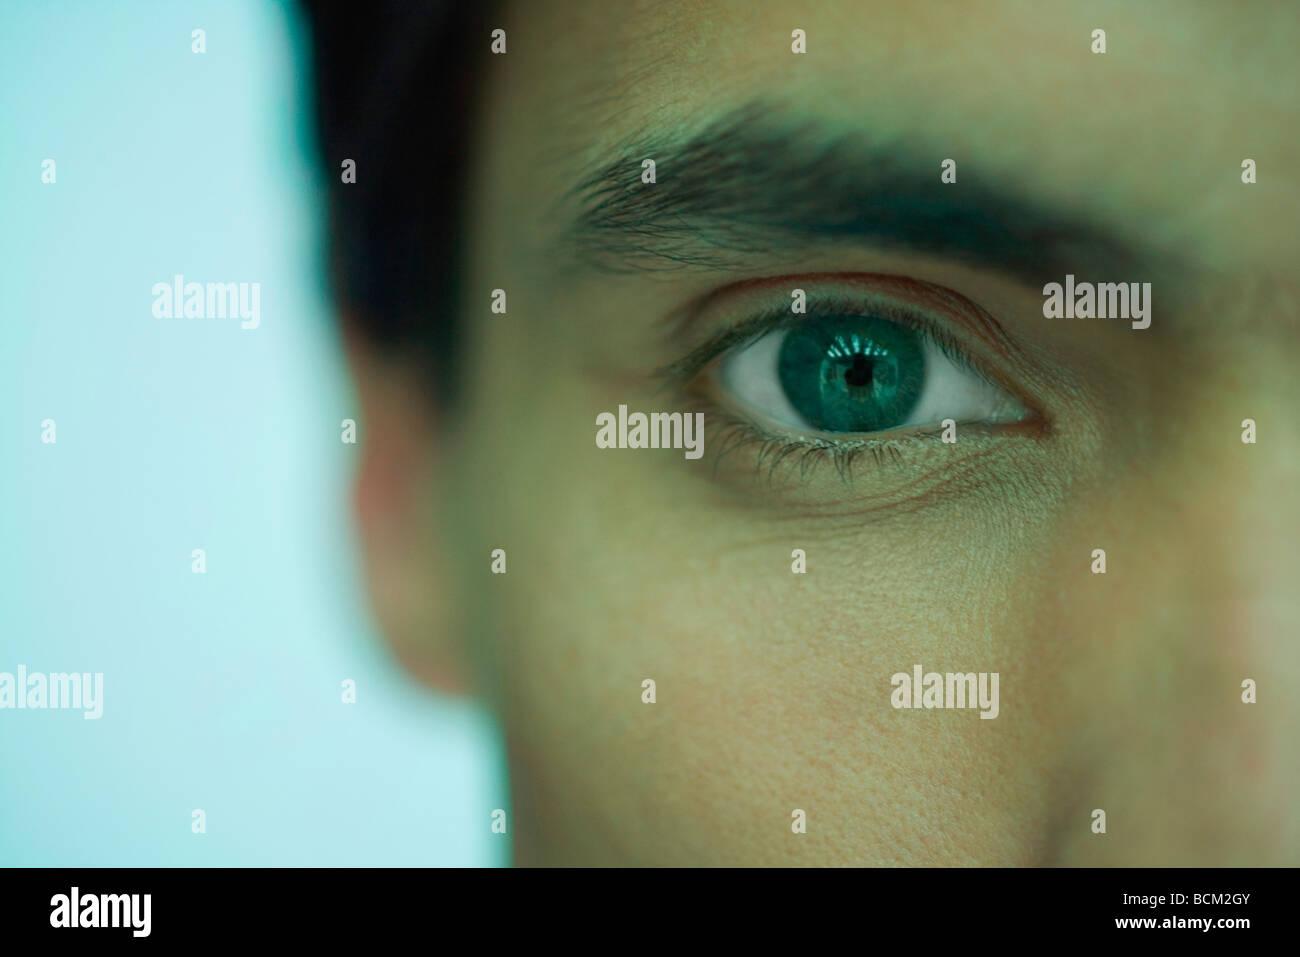 Uomo che guarda in telecamera, close-up di occhio Immagini Stock